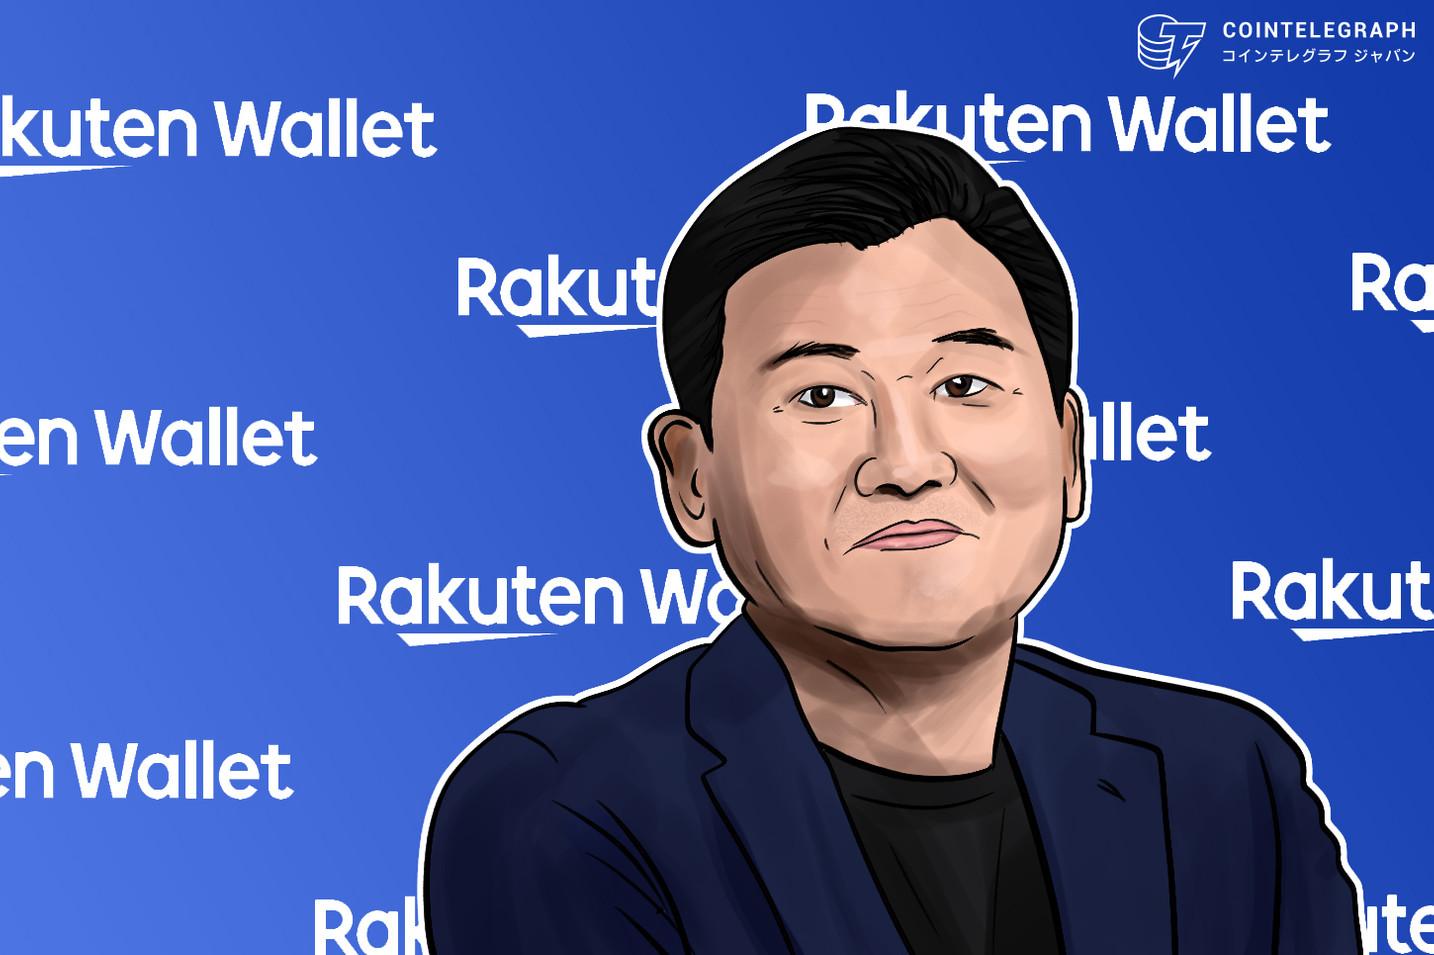 楽天ポイントと仮想通貨の交換が可能に、楽天がサービス開始発表 | ビットコインなど3通貨【ニュース】